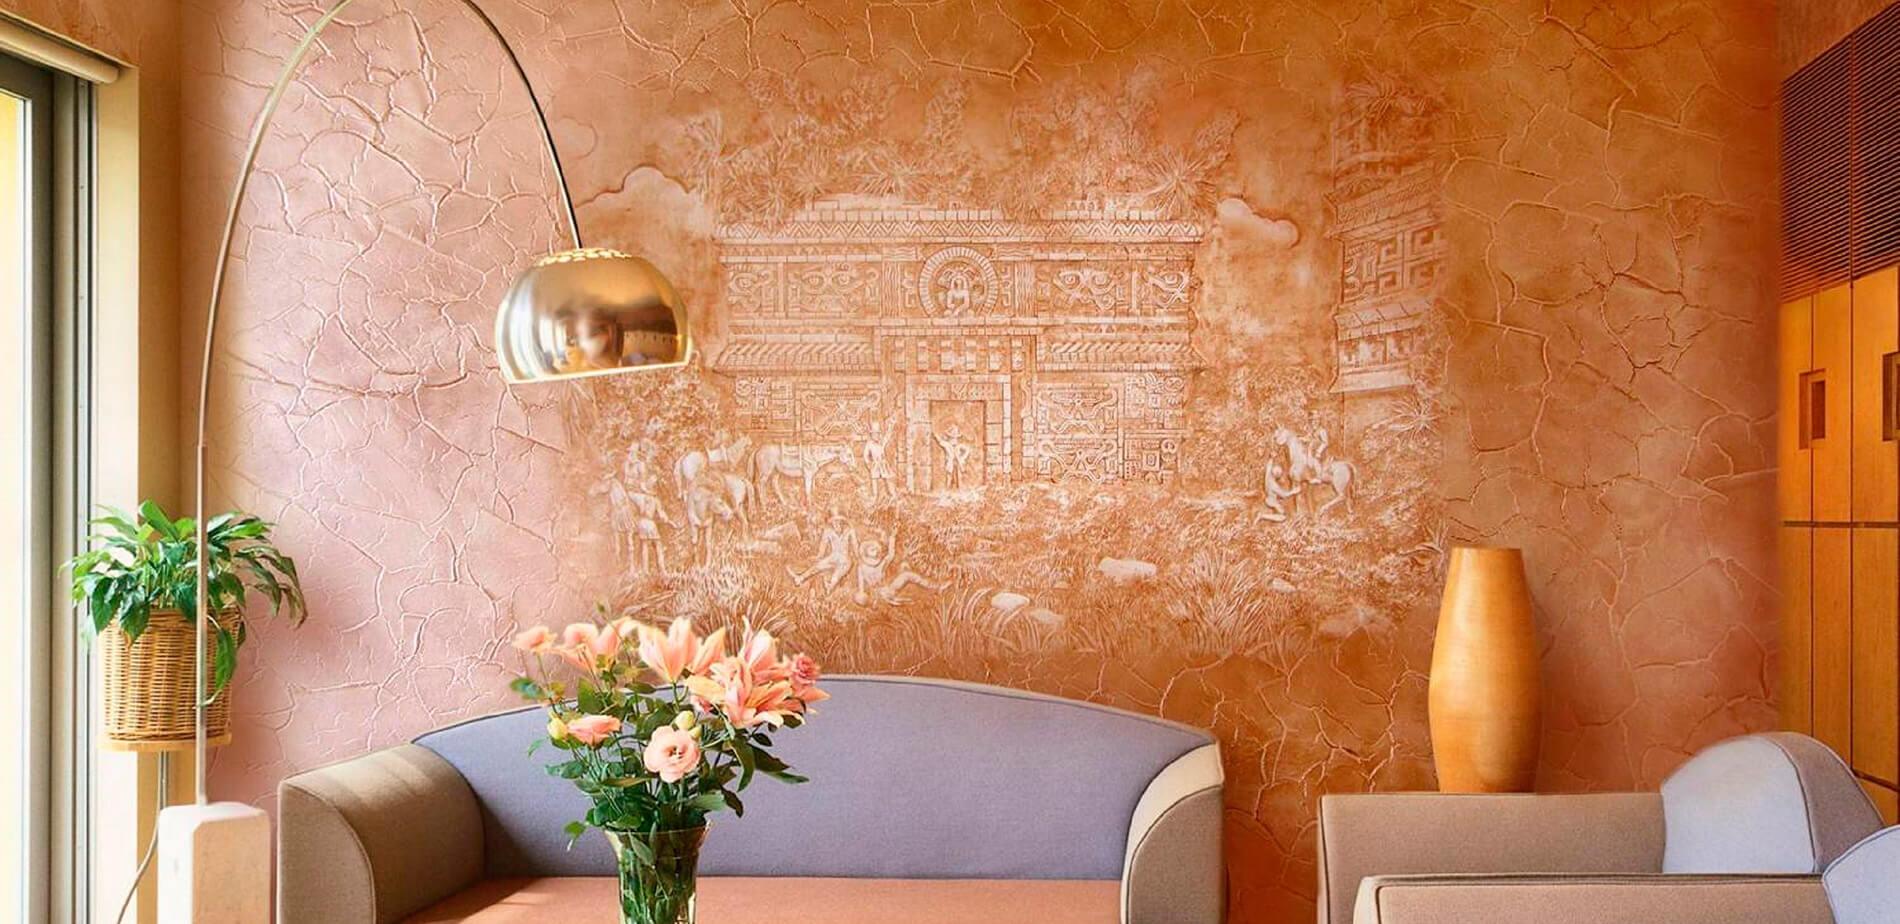 Виды декоративной штукатурки: характеристика и мастер-классы по нанесению на стены дома